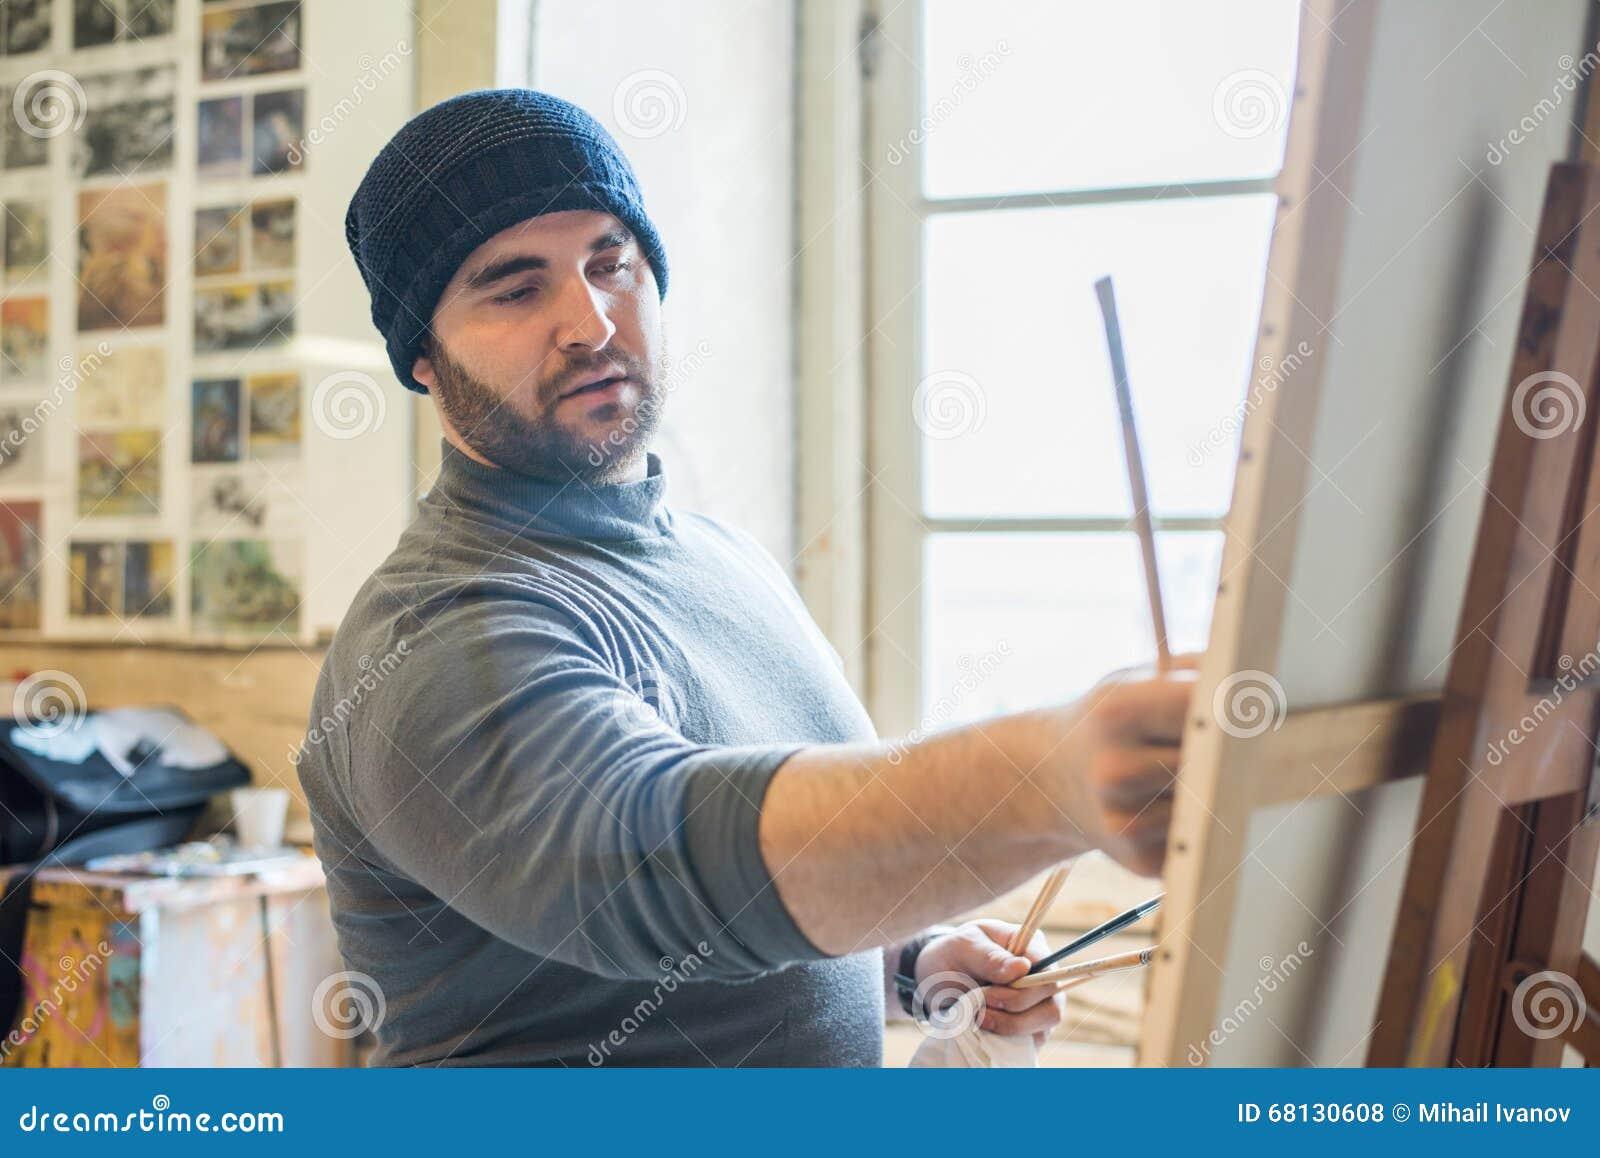 Artista/insegnante che dipinge un materiale illustrativo - vista alta vicina